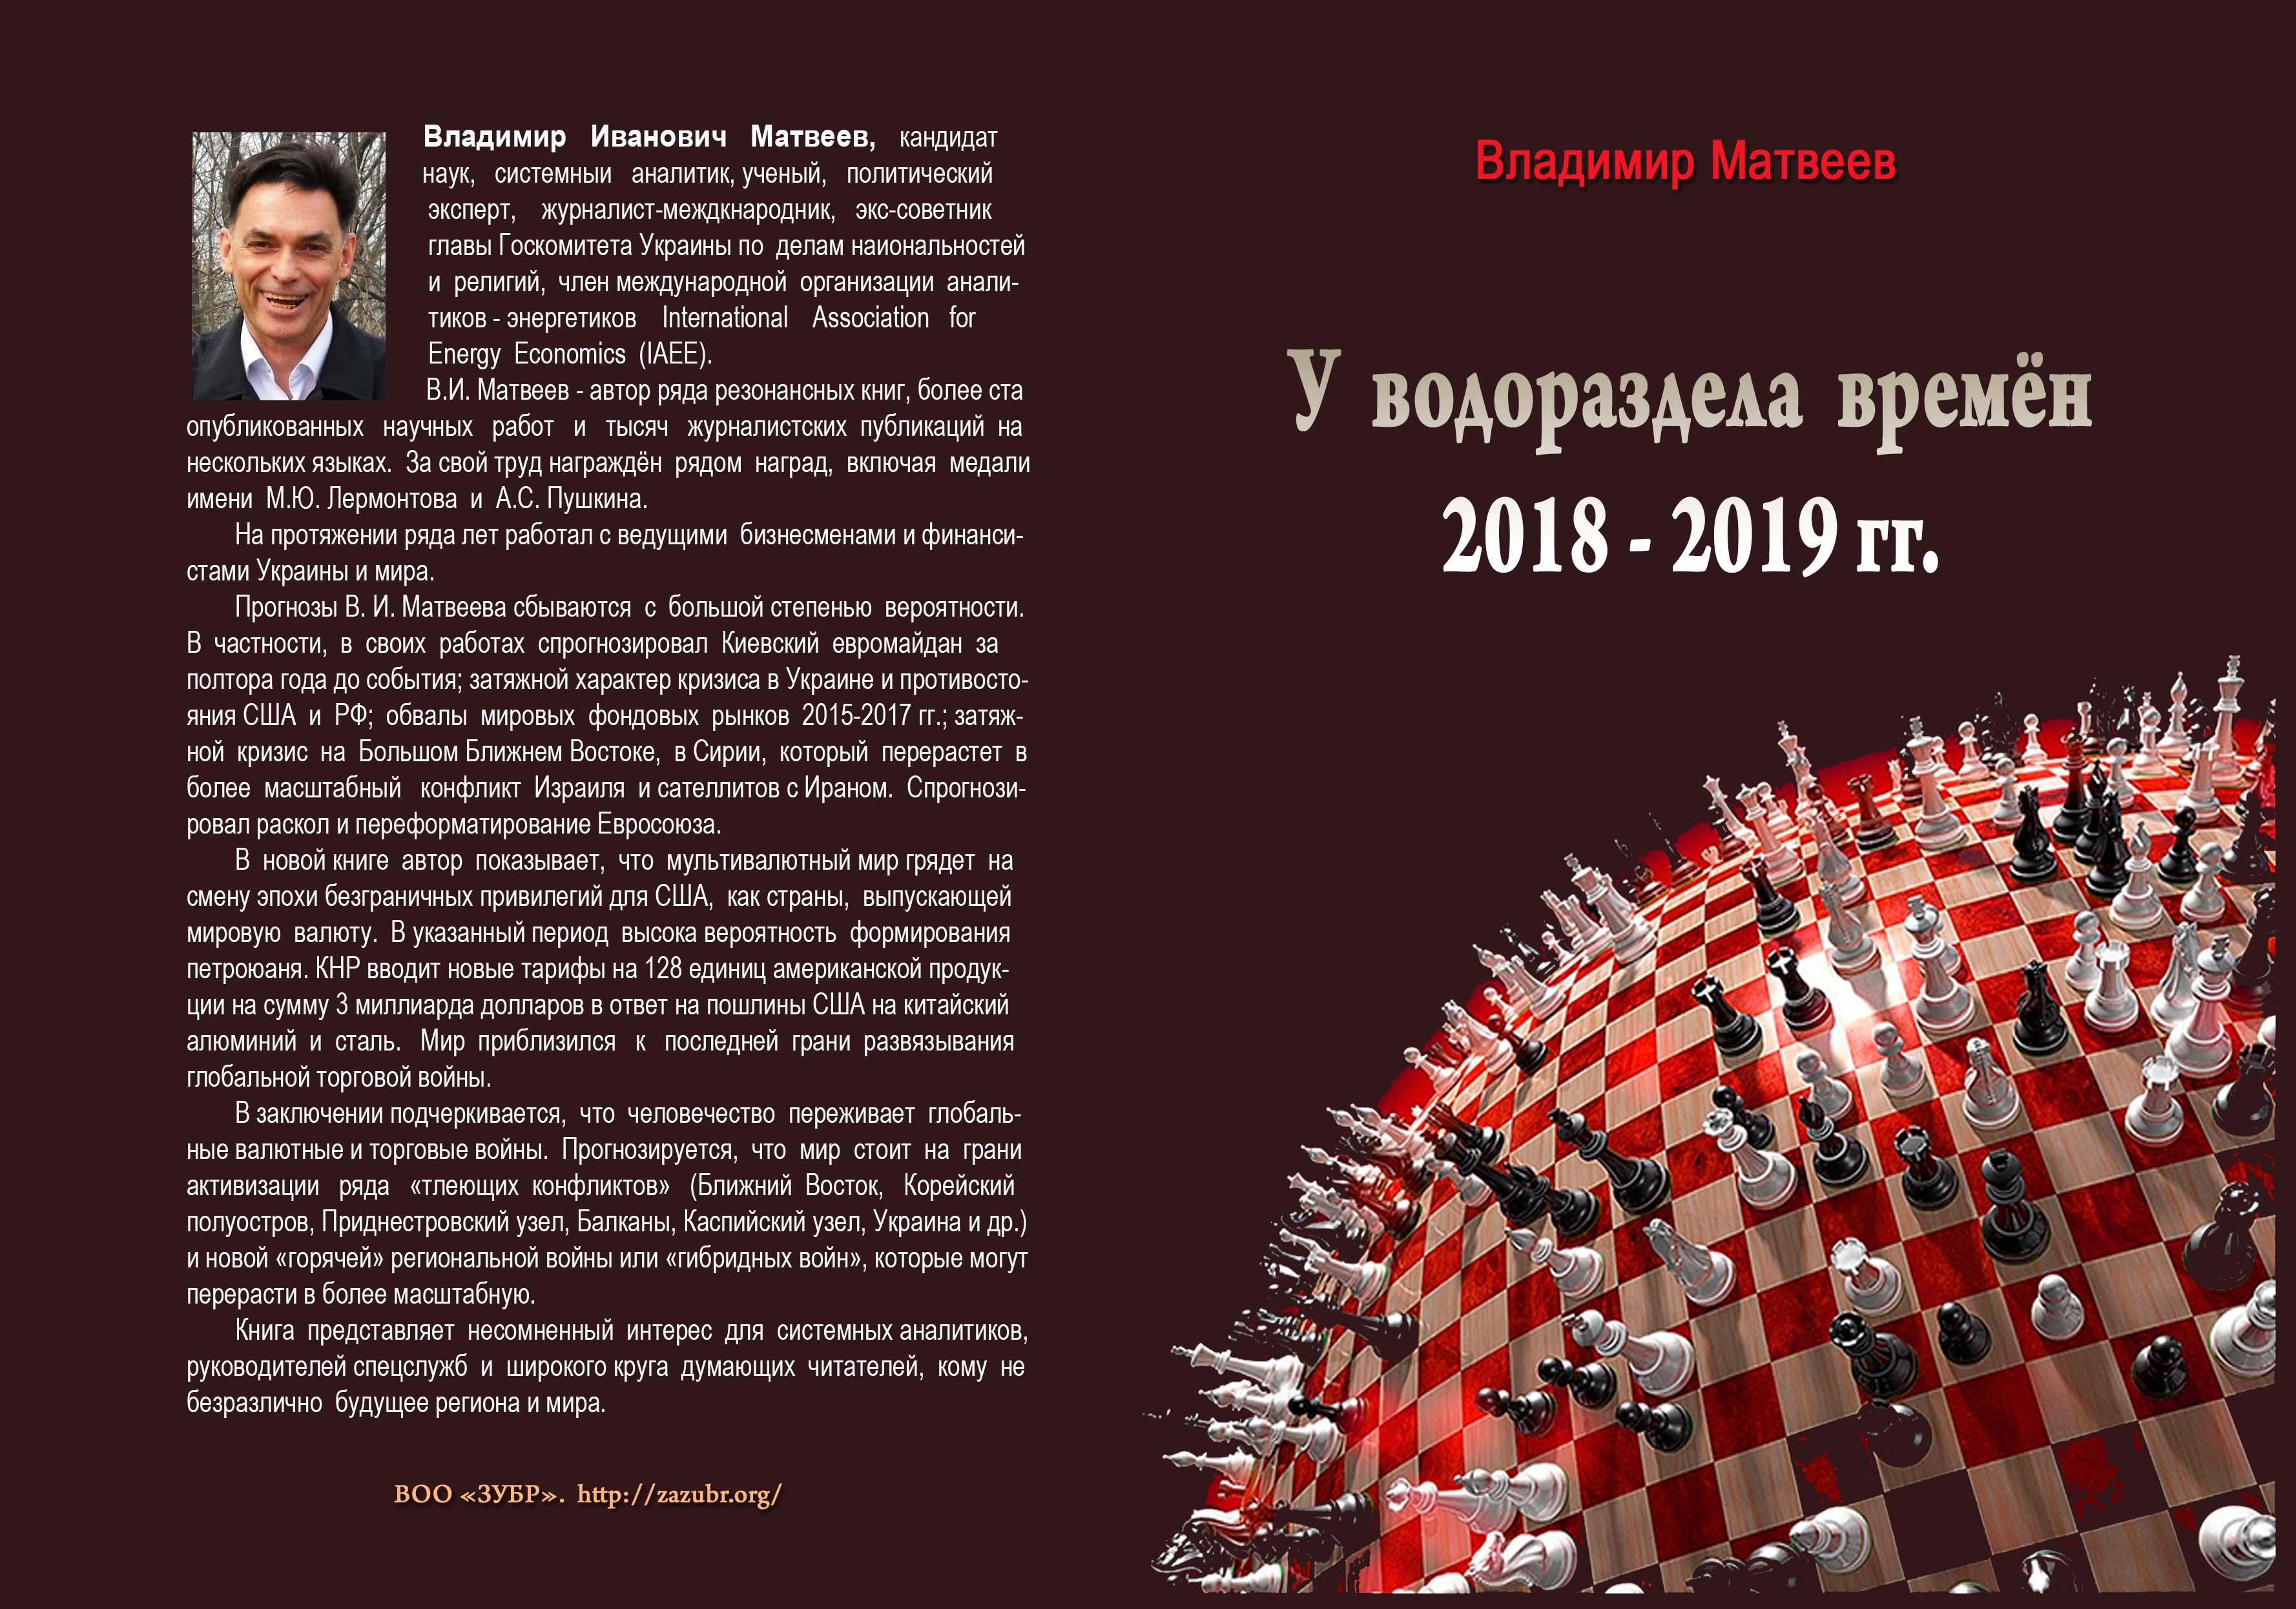 Матвеев В.И. «У водораздела времён 2018-2019 гг» – Киев, 28.03.2018